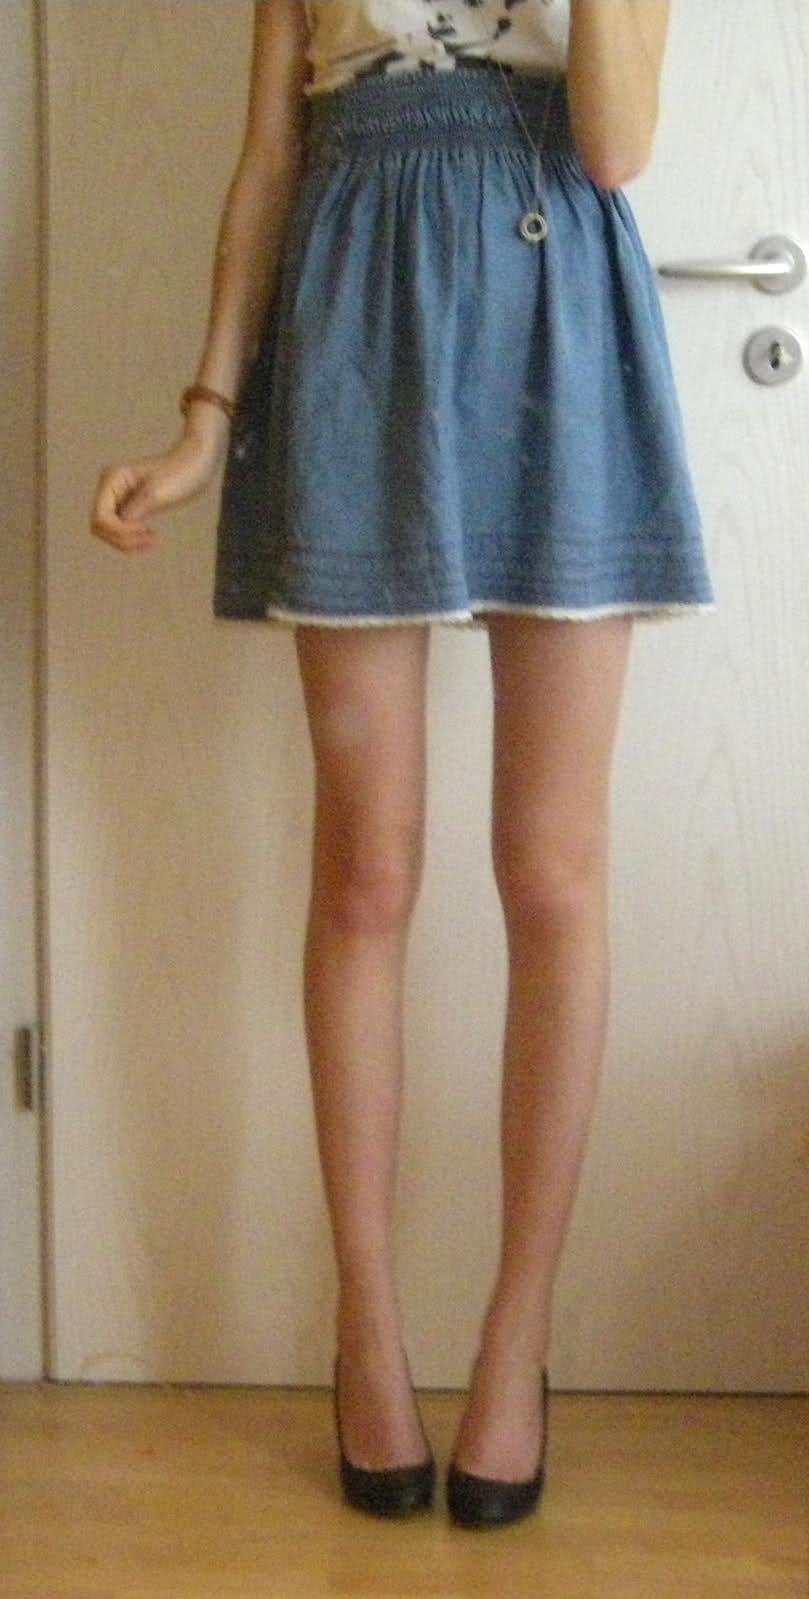 Flache schuhe dicke beine